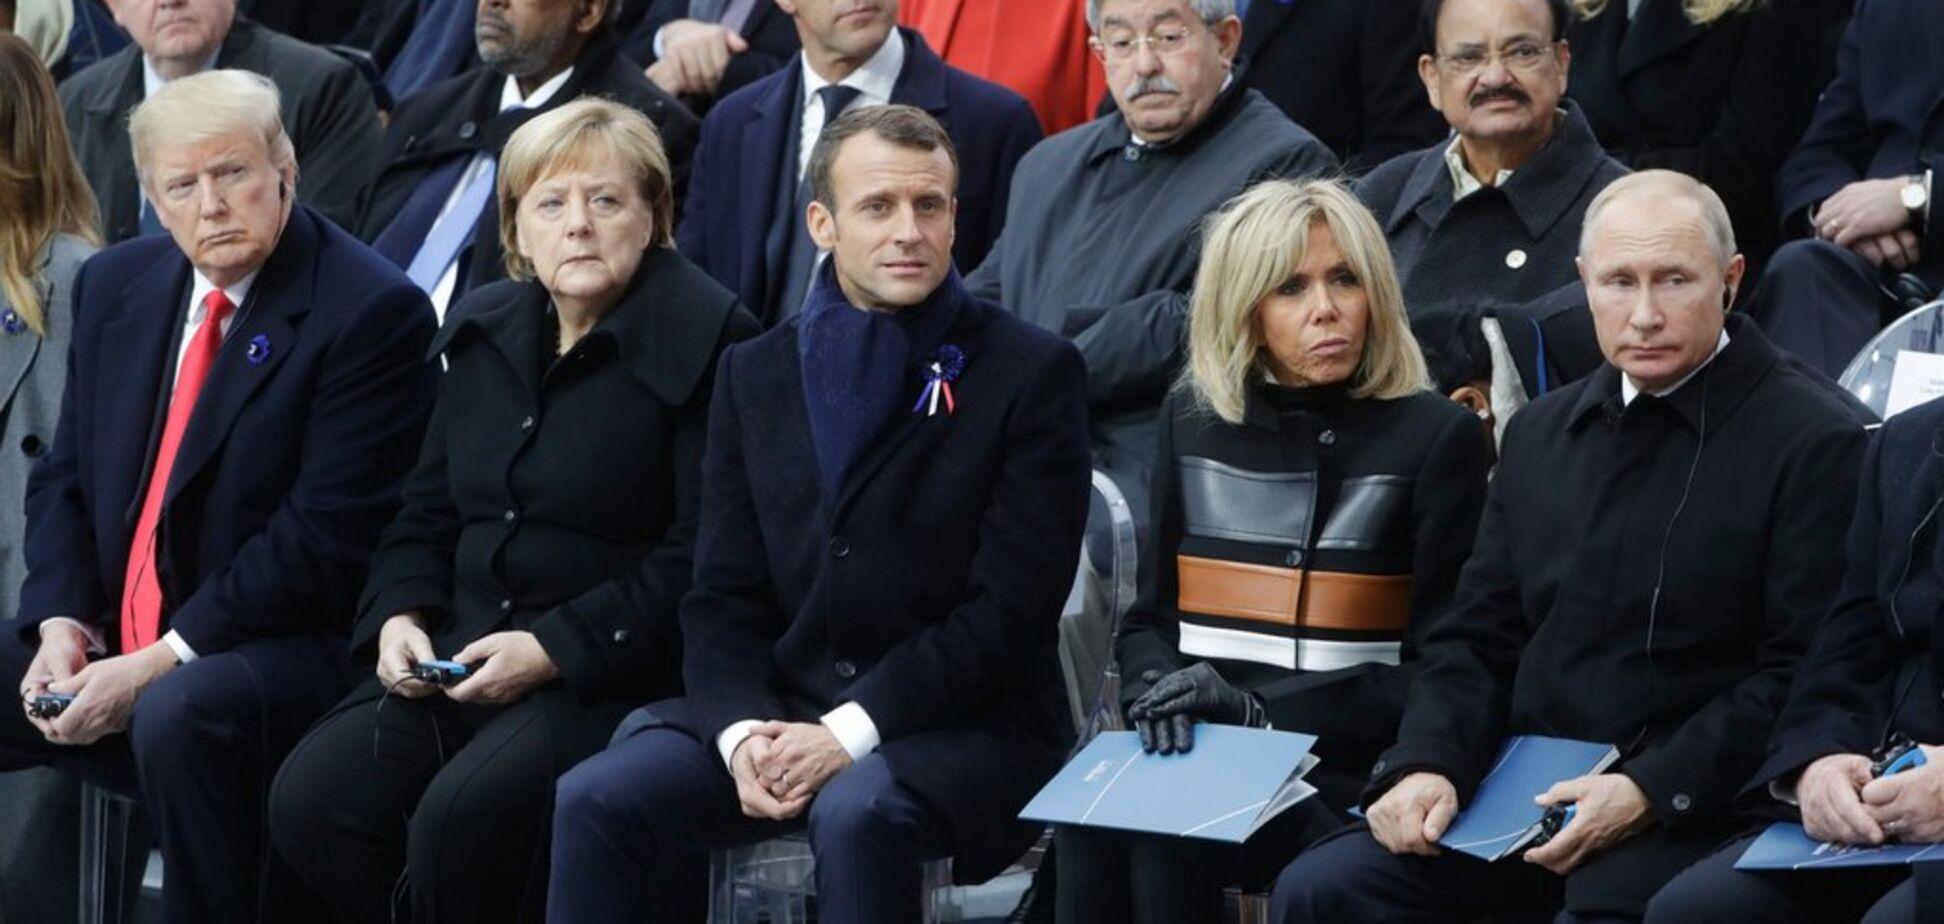 Владимир Путин, Дональд Трамп, Еммануель Макрон и Ангела Меркель. Источник: life.ru